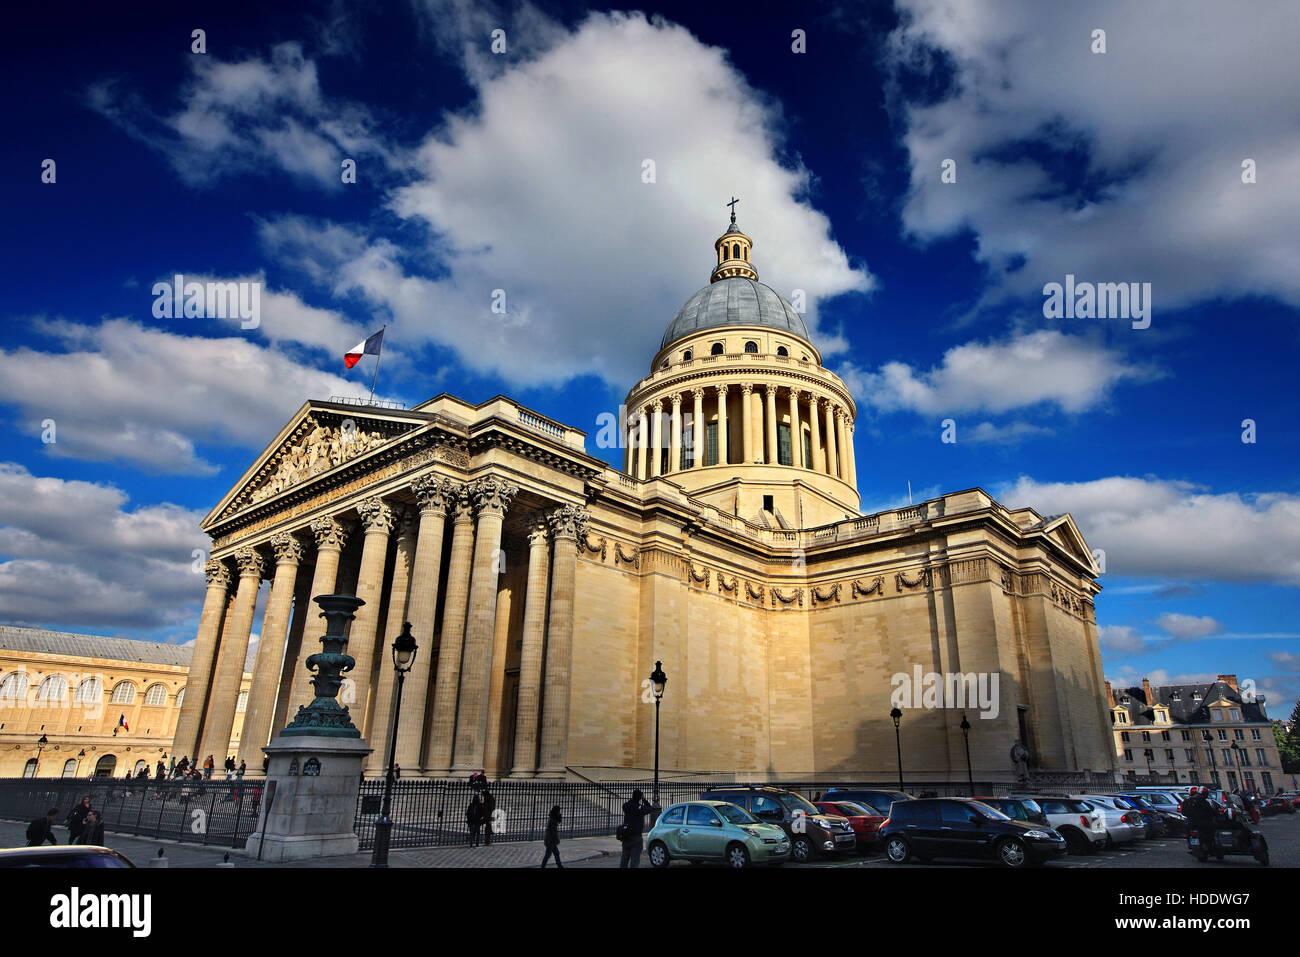 El Panteón, el Barrio Latino, en París, Francia. Imagen De Stock